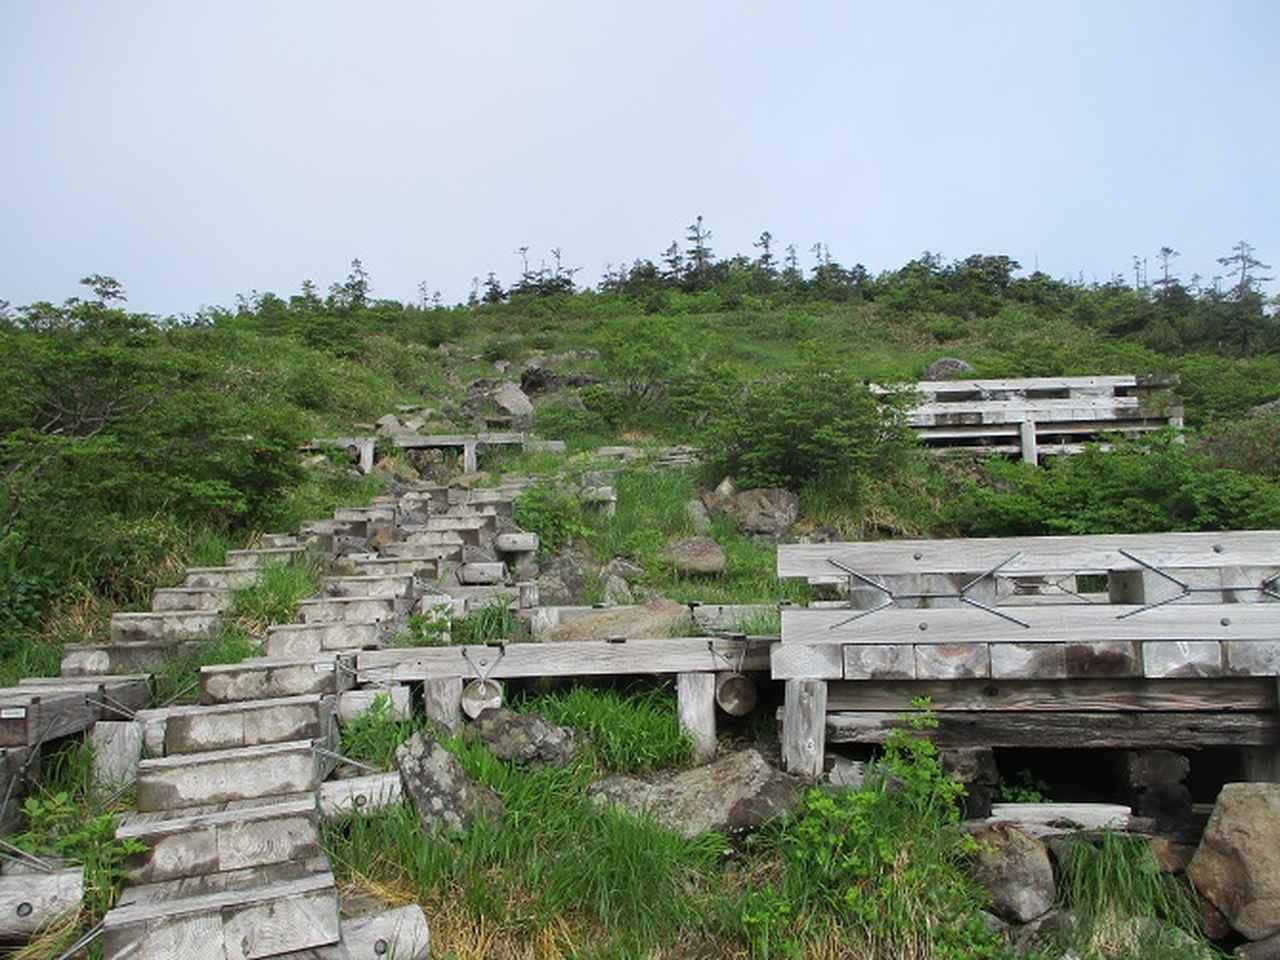 画像4: 7月の山旅会 「苗場山」 ツアーの下見にいってきました!